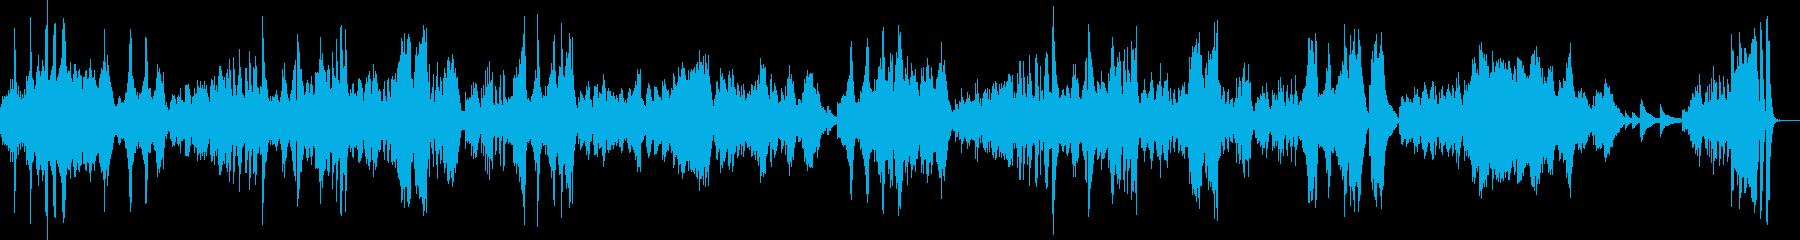 ベートーヴェンの月光#3の再生済みの波形